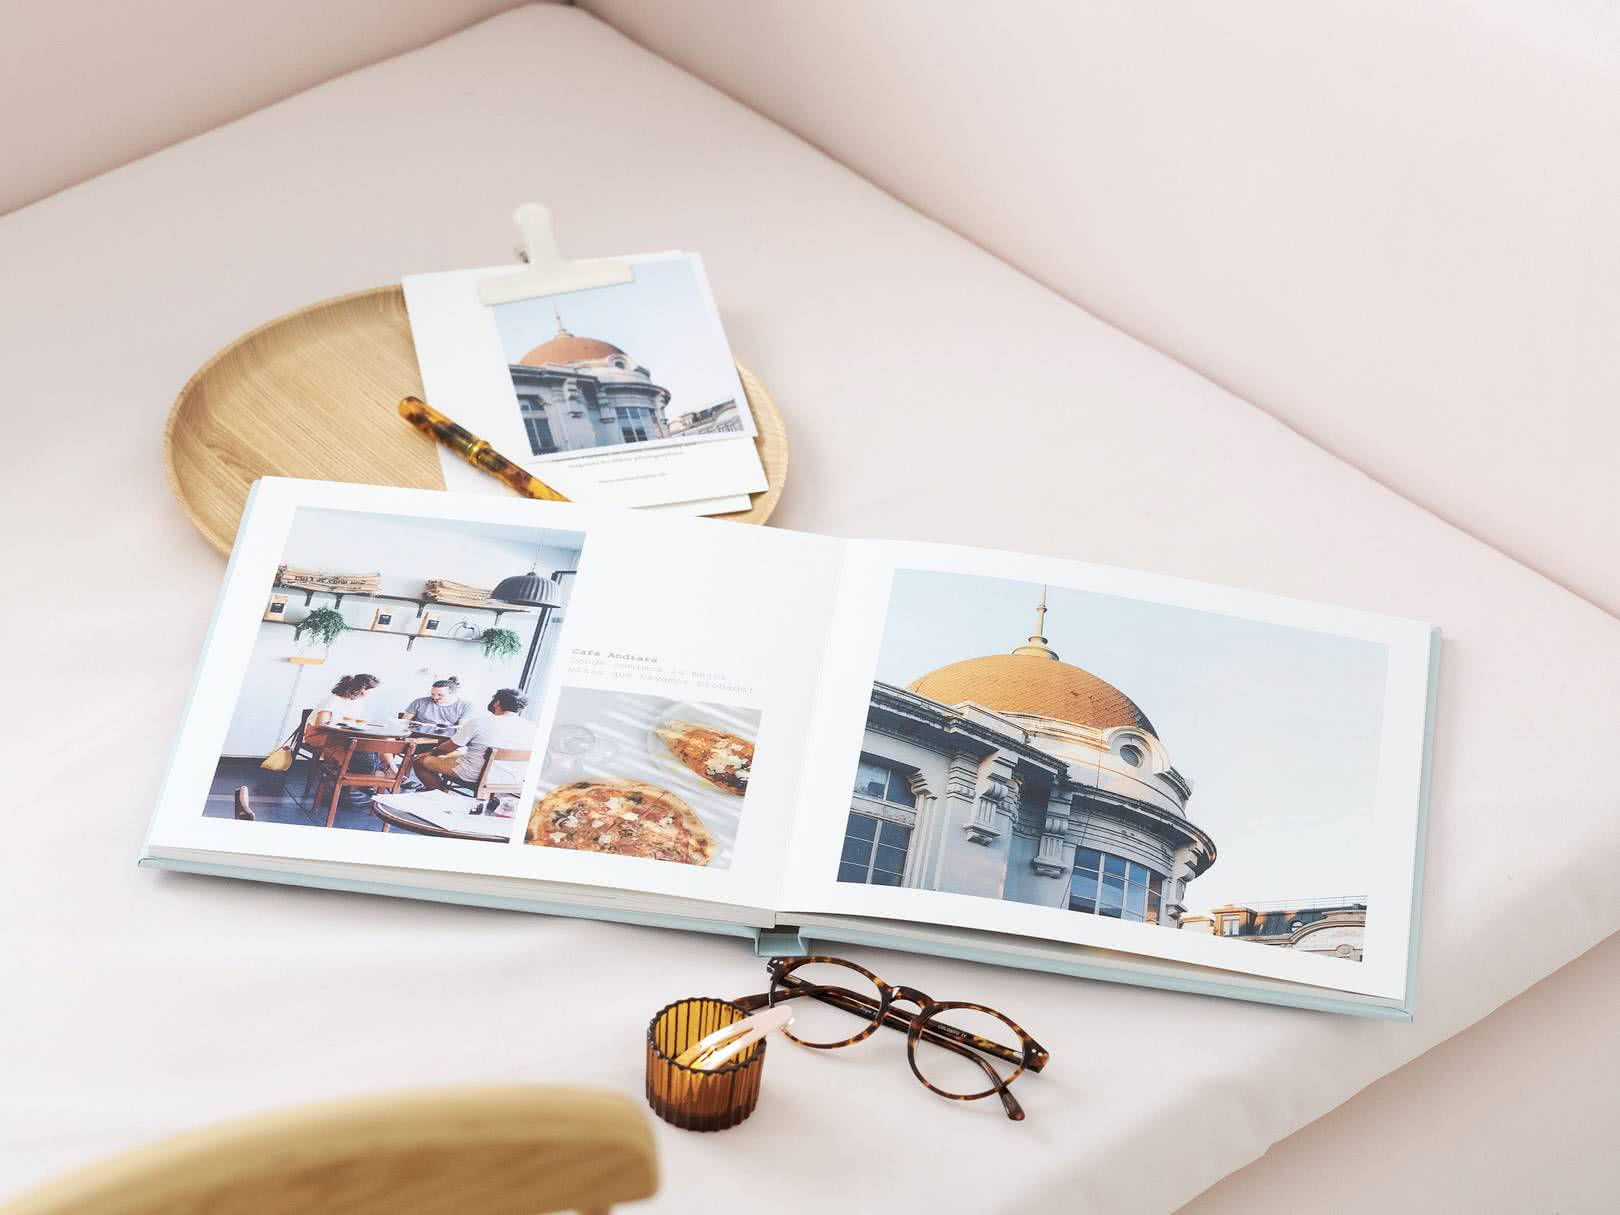 Crea tu álbum de fotos